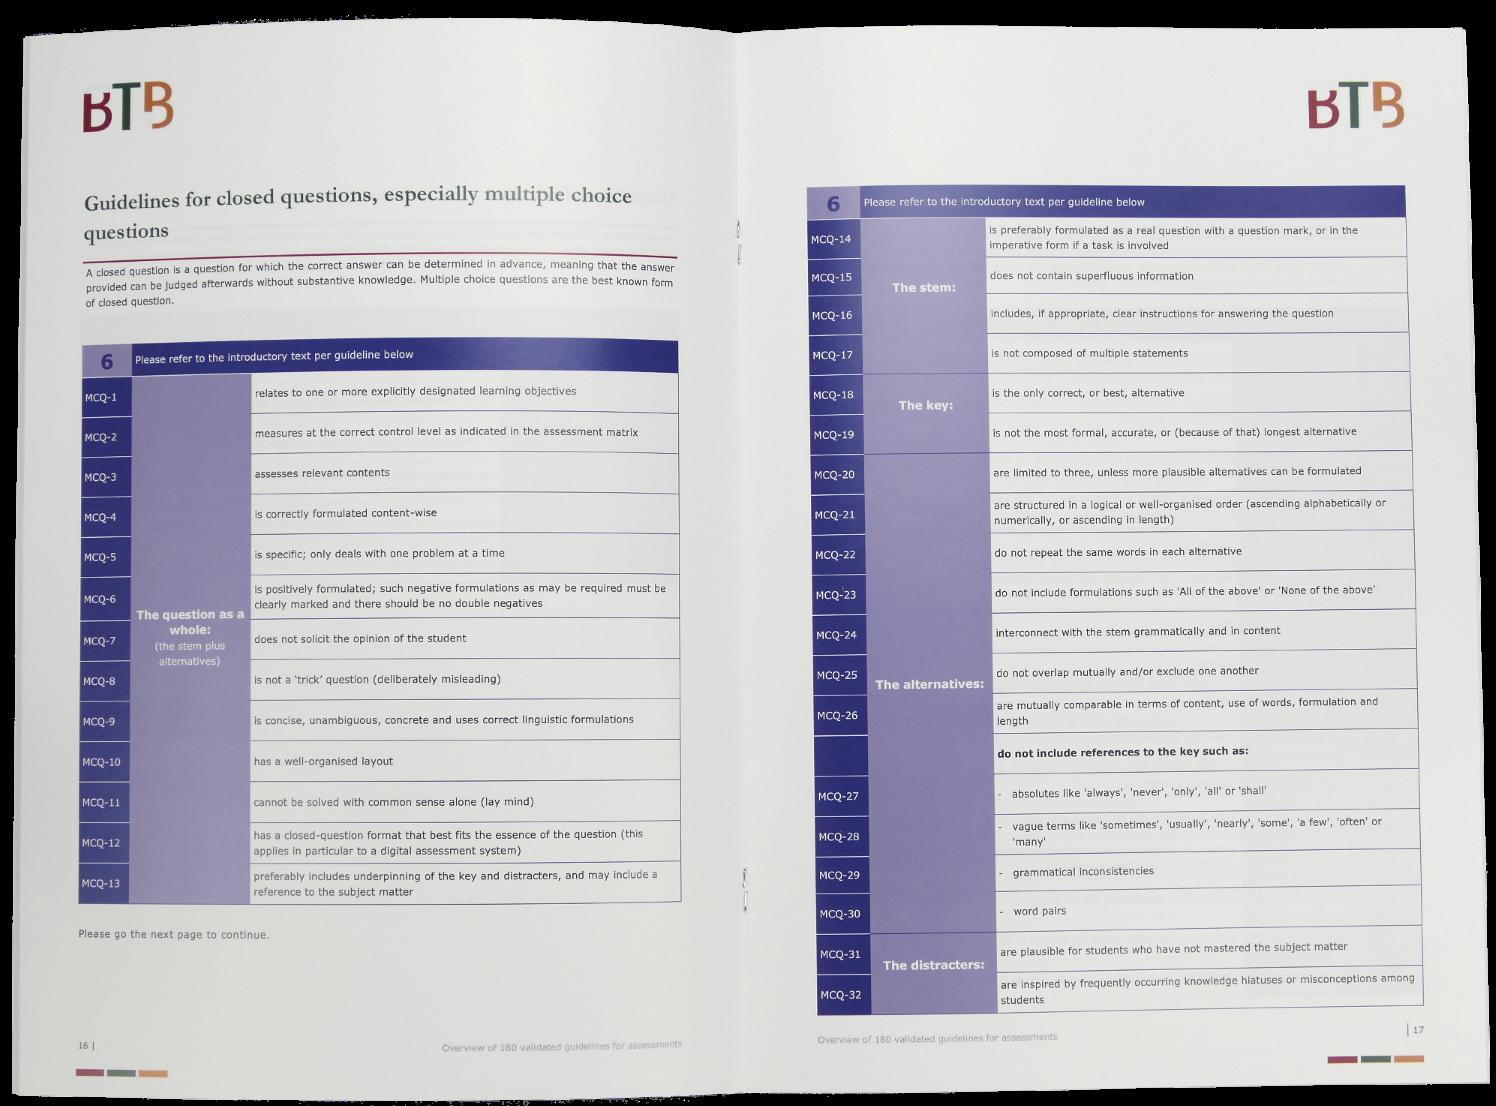 Voorbeeldpagina's 180 gevalideerde richtlijnen - Overzicht